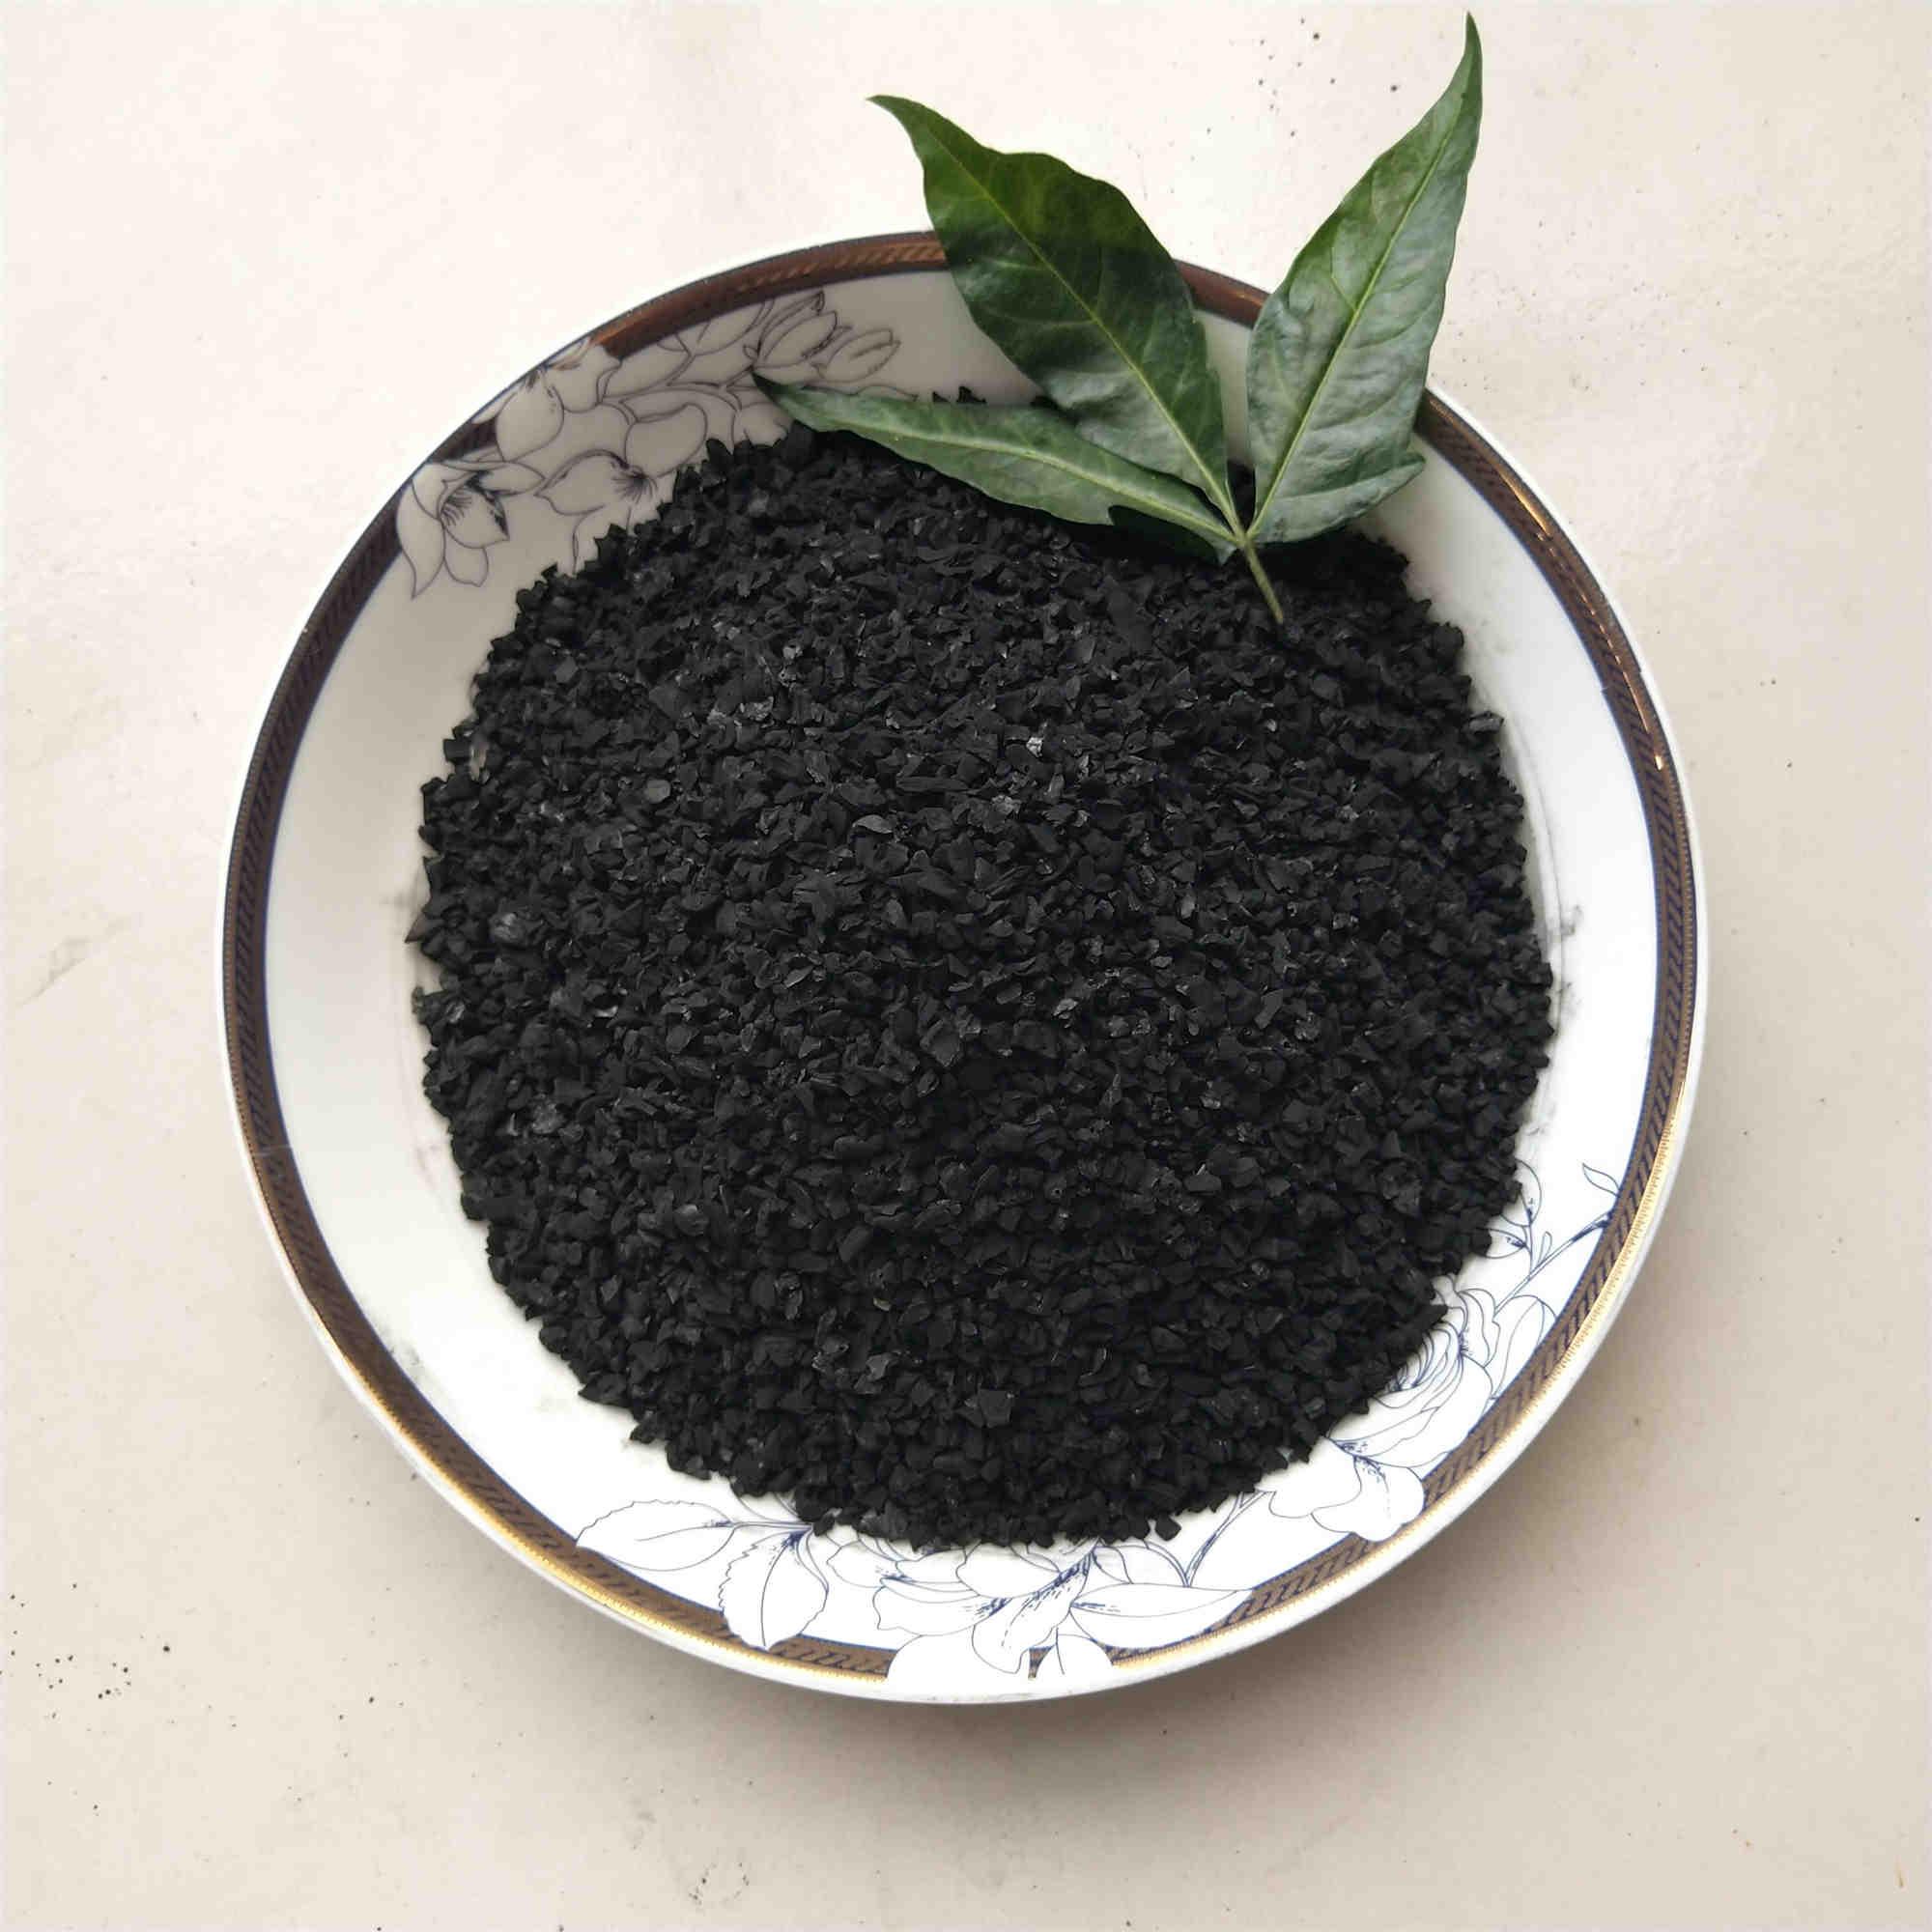 奧翔活性炭供應專業果殼活性炭,凈水果殼活性炭作用